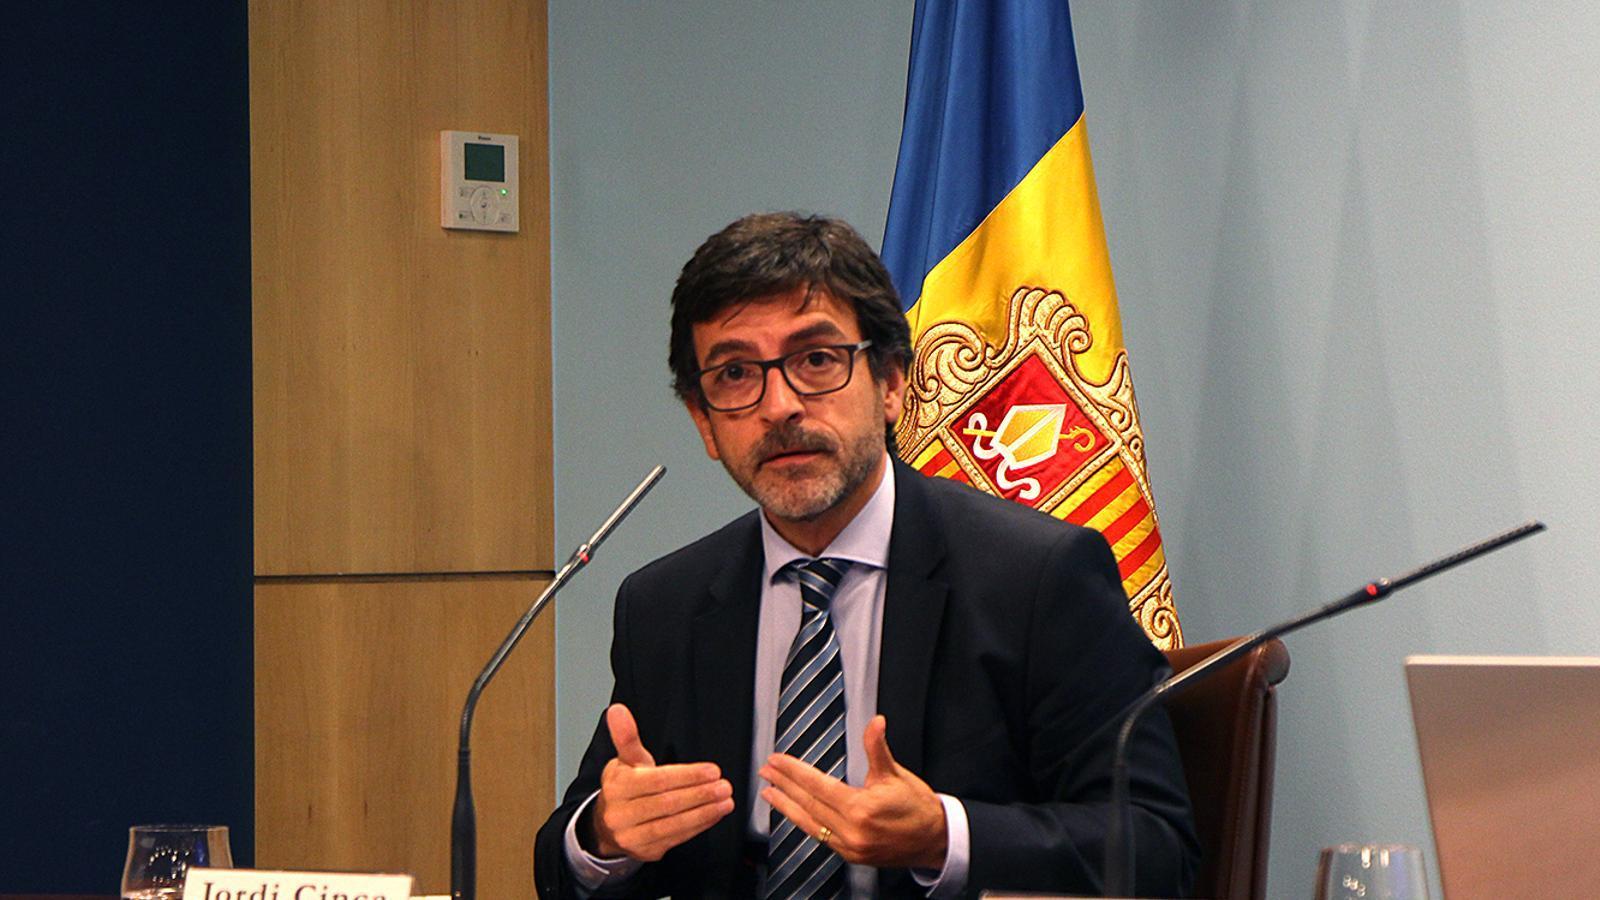 El ministre Jordi Cinca durant la roda de premsa d'aquest dimecres. / M. F. (ANA)